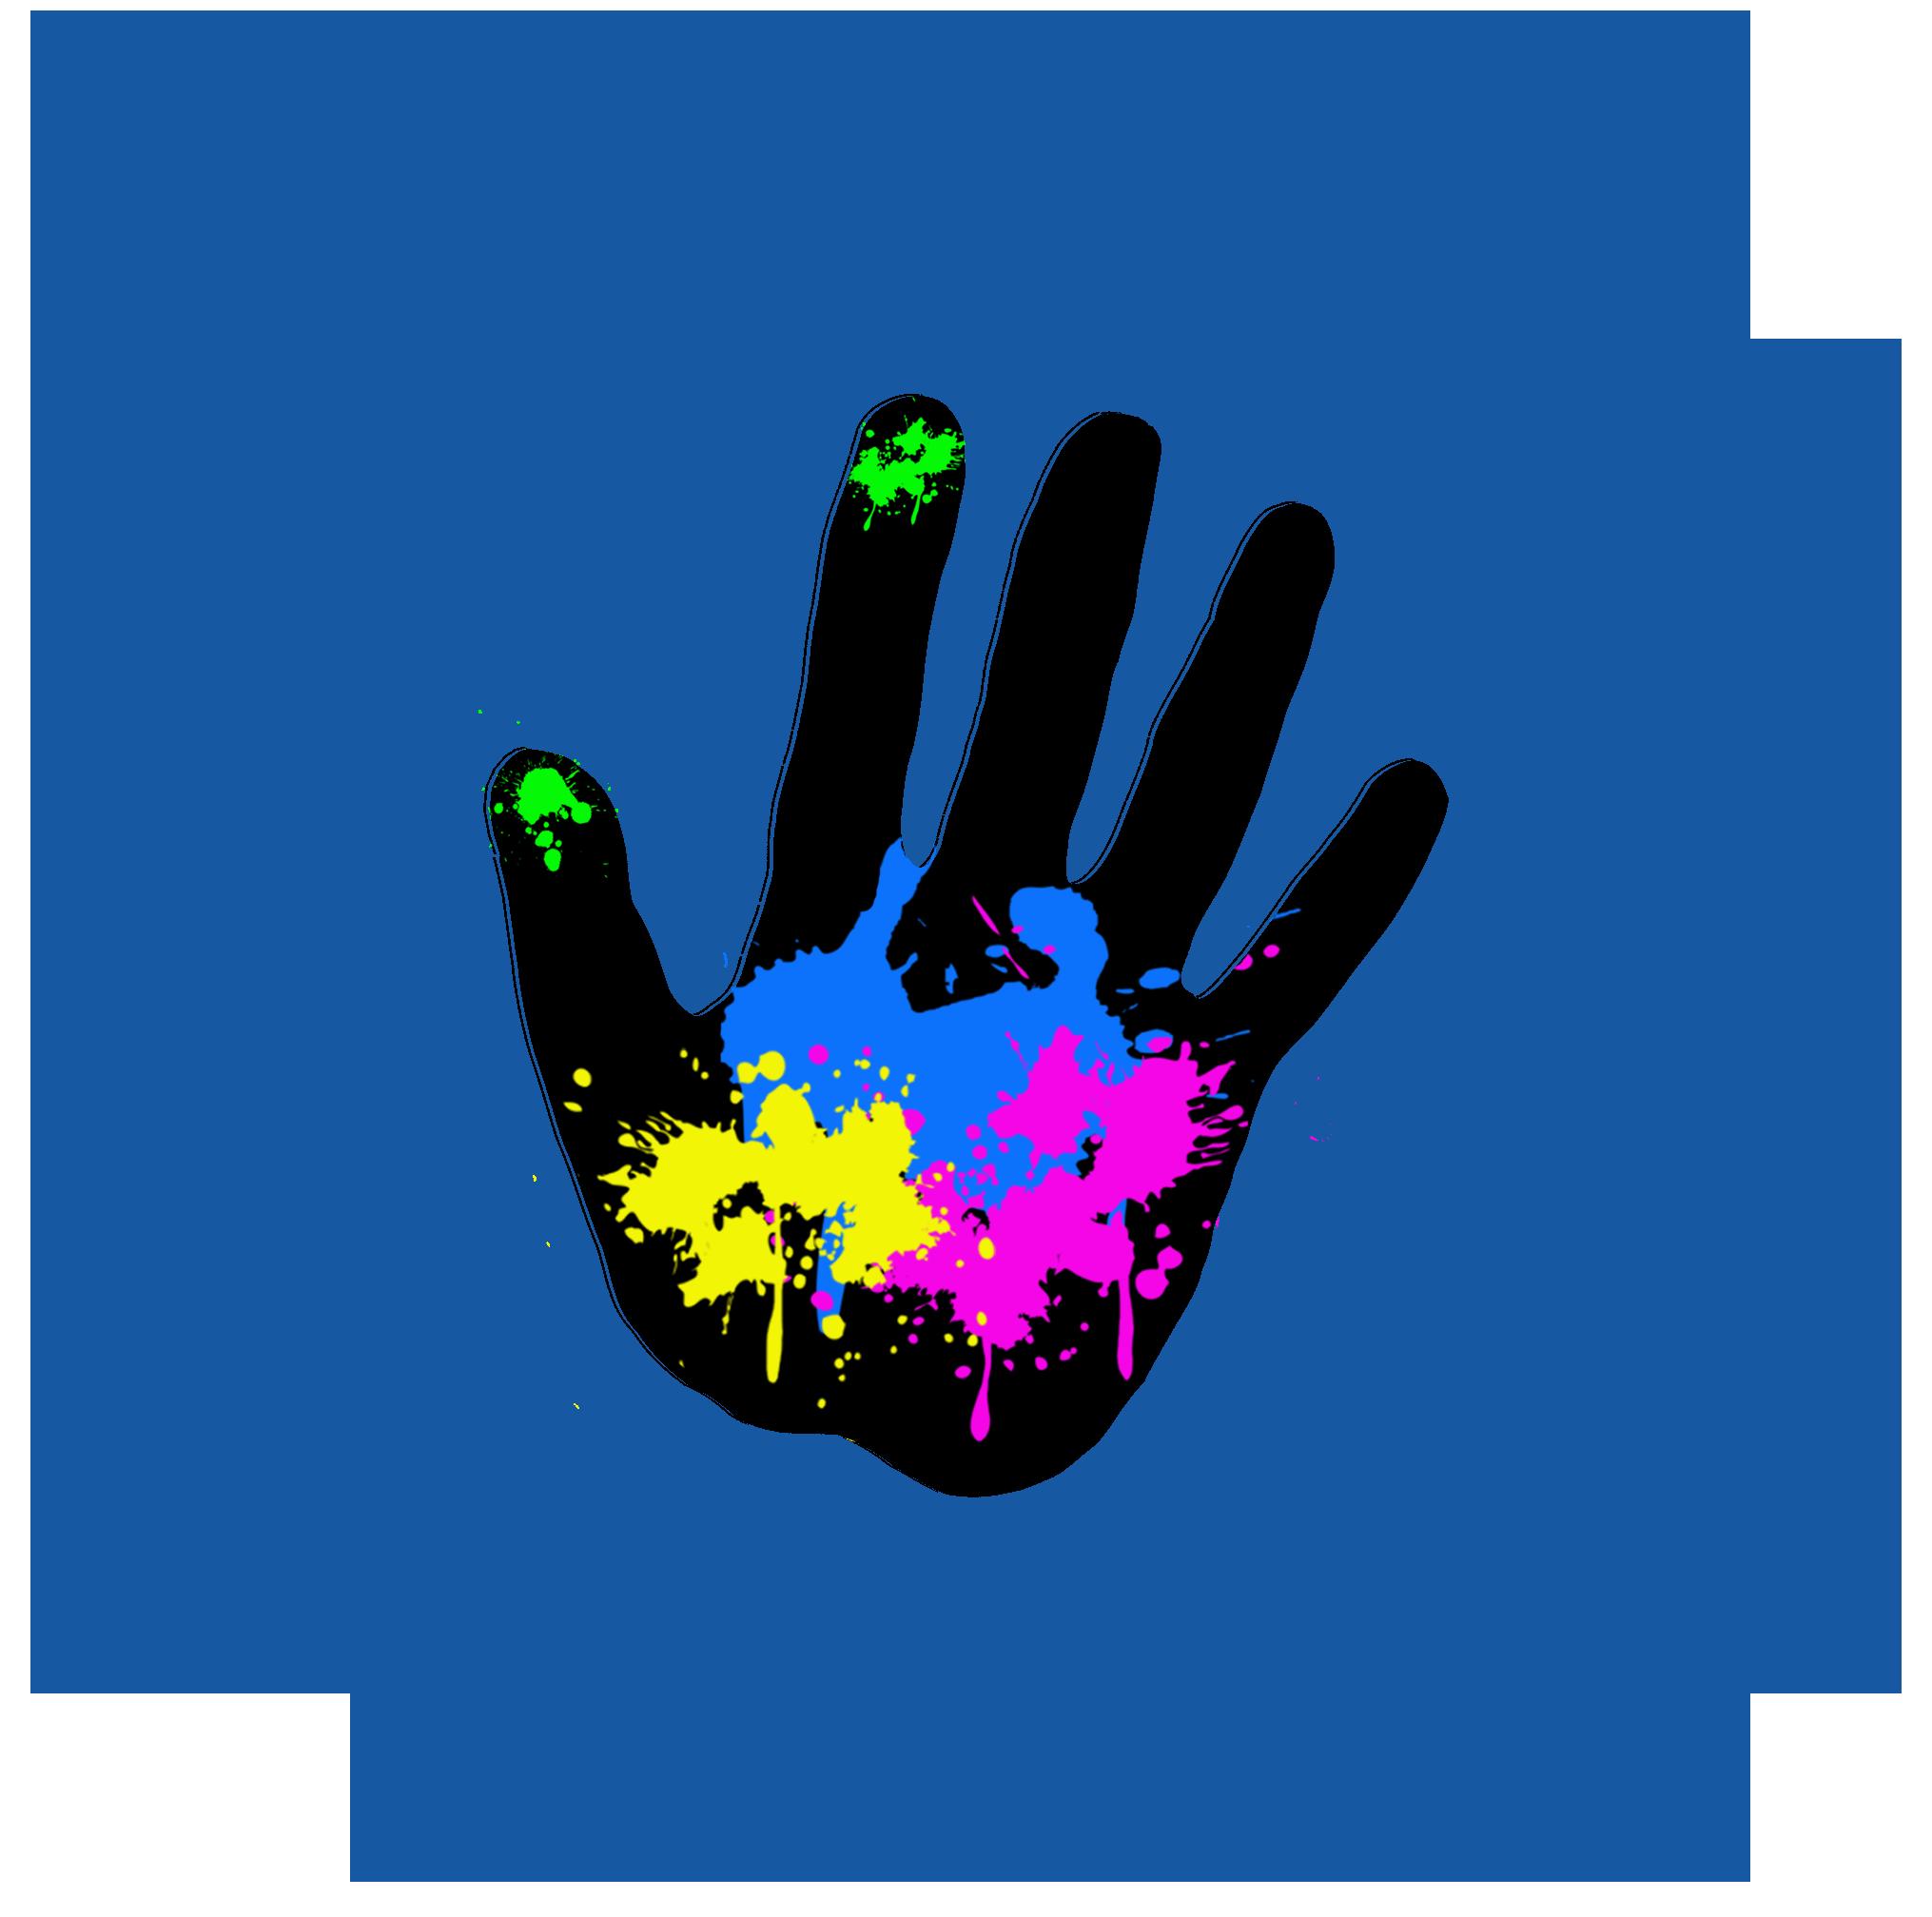 Grandma Childminding